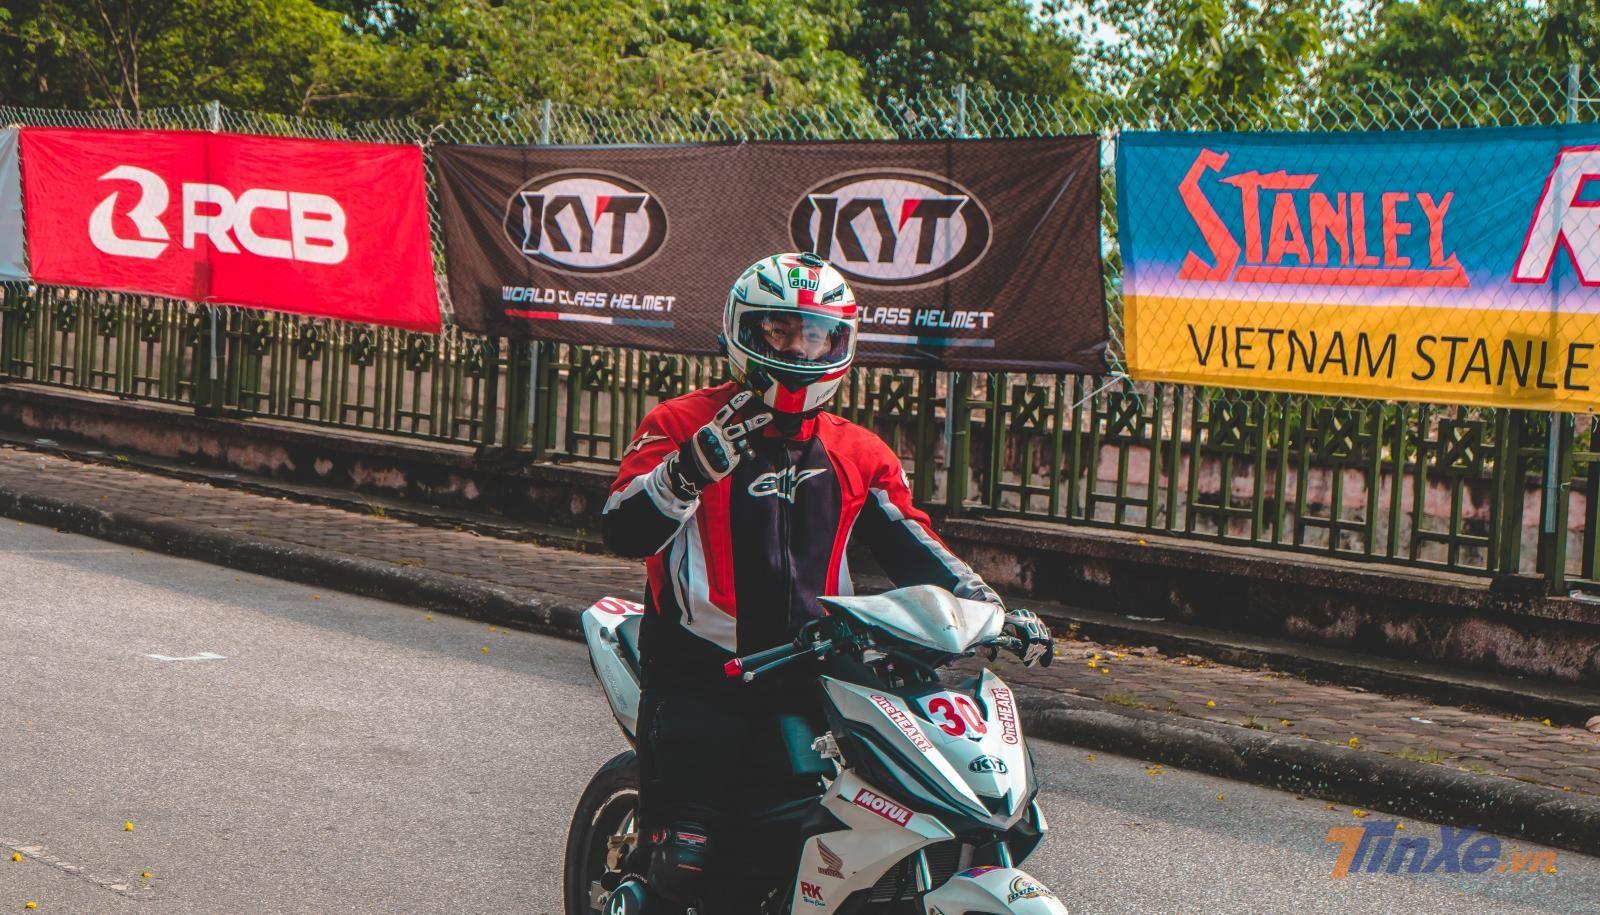 Chùm ảnh: Giải đua VMRC 2019 lần đầu tiên được tổ chức tại Hà Nội - 21